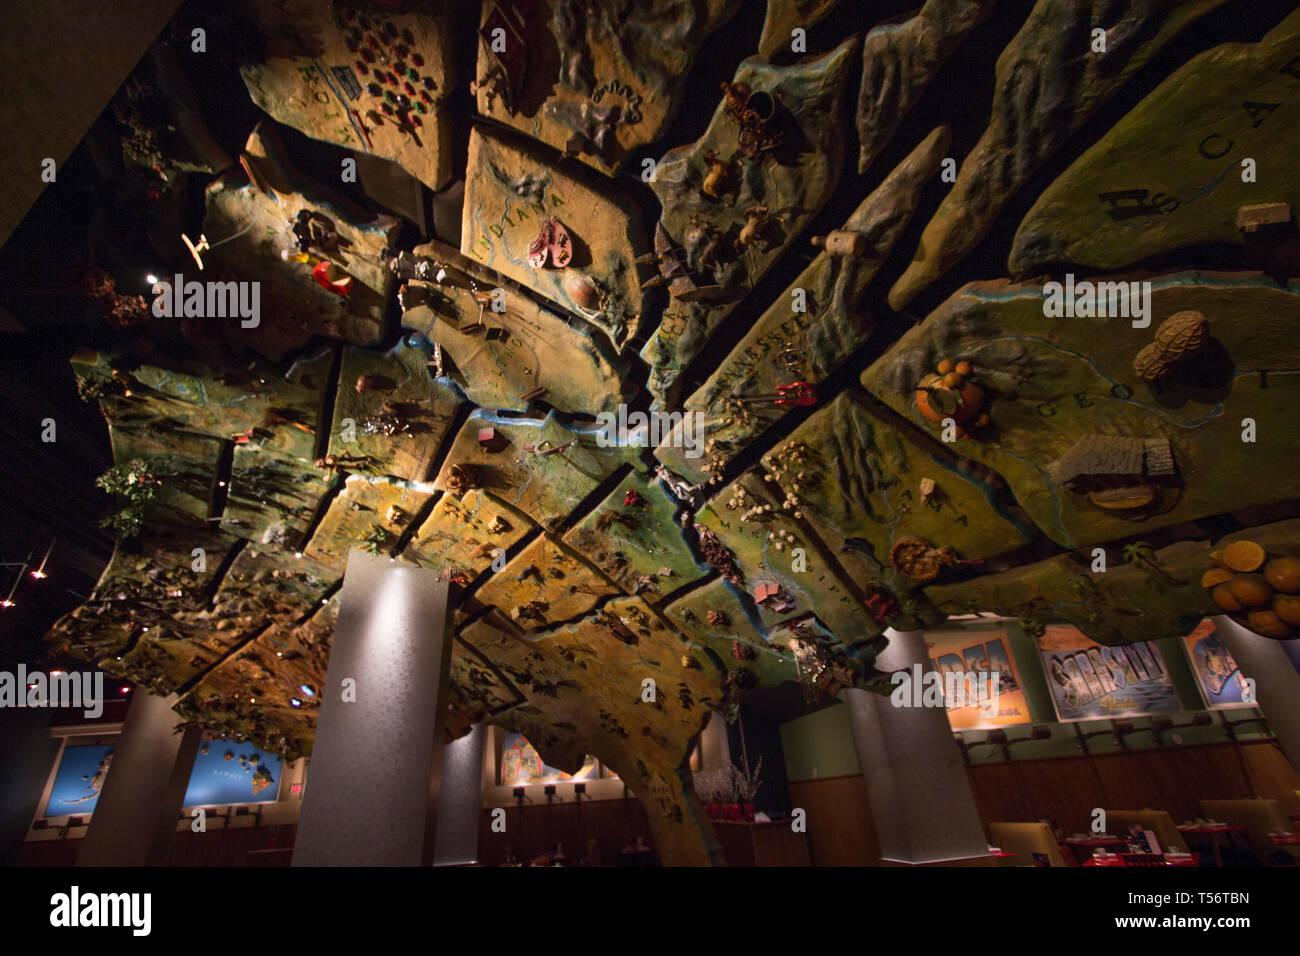 Map Of New York New York Casino.America Restaurant In The New York New York Resort Casino In Las